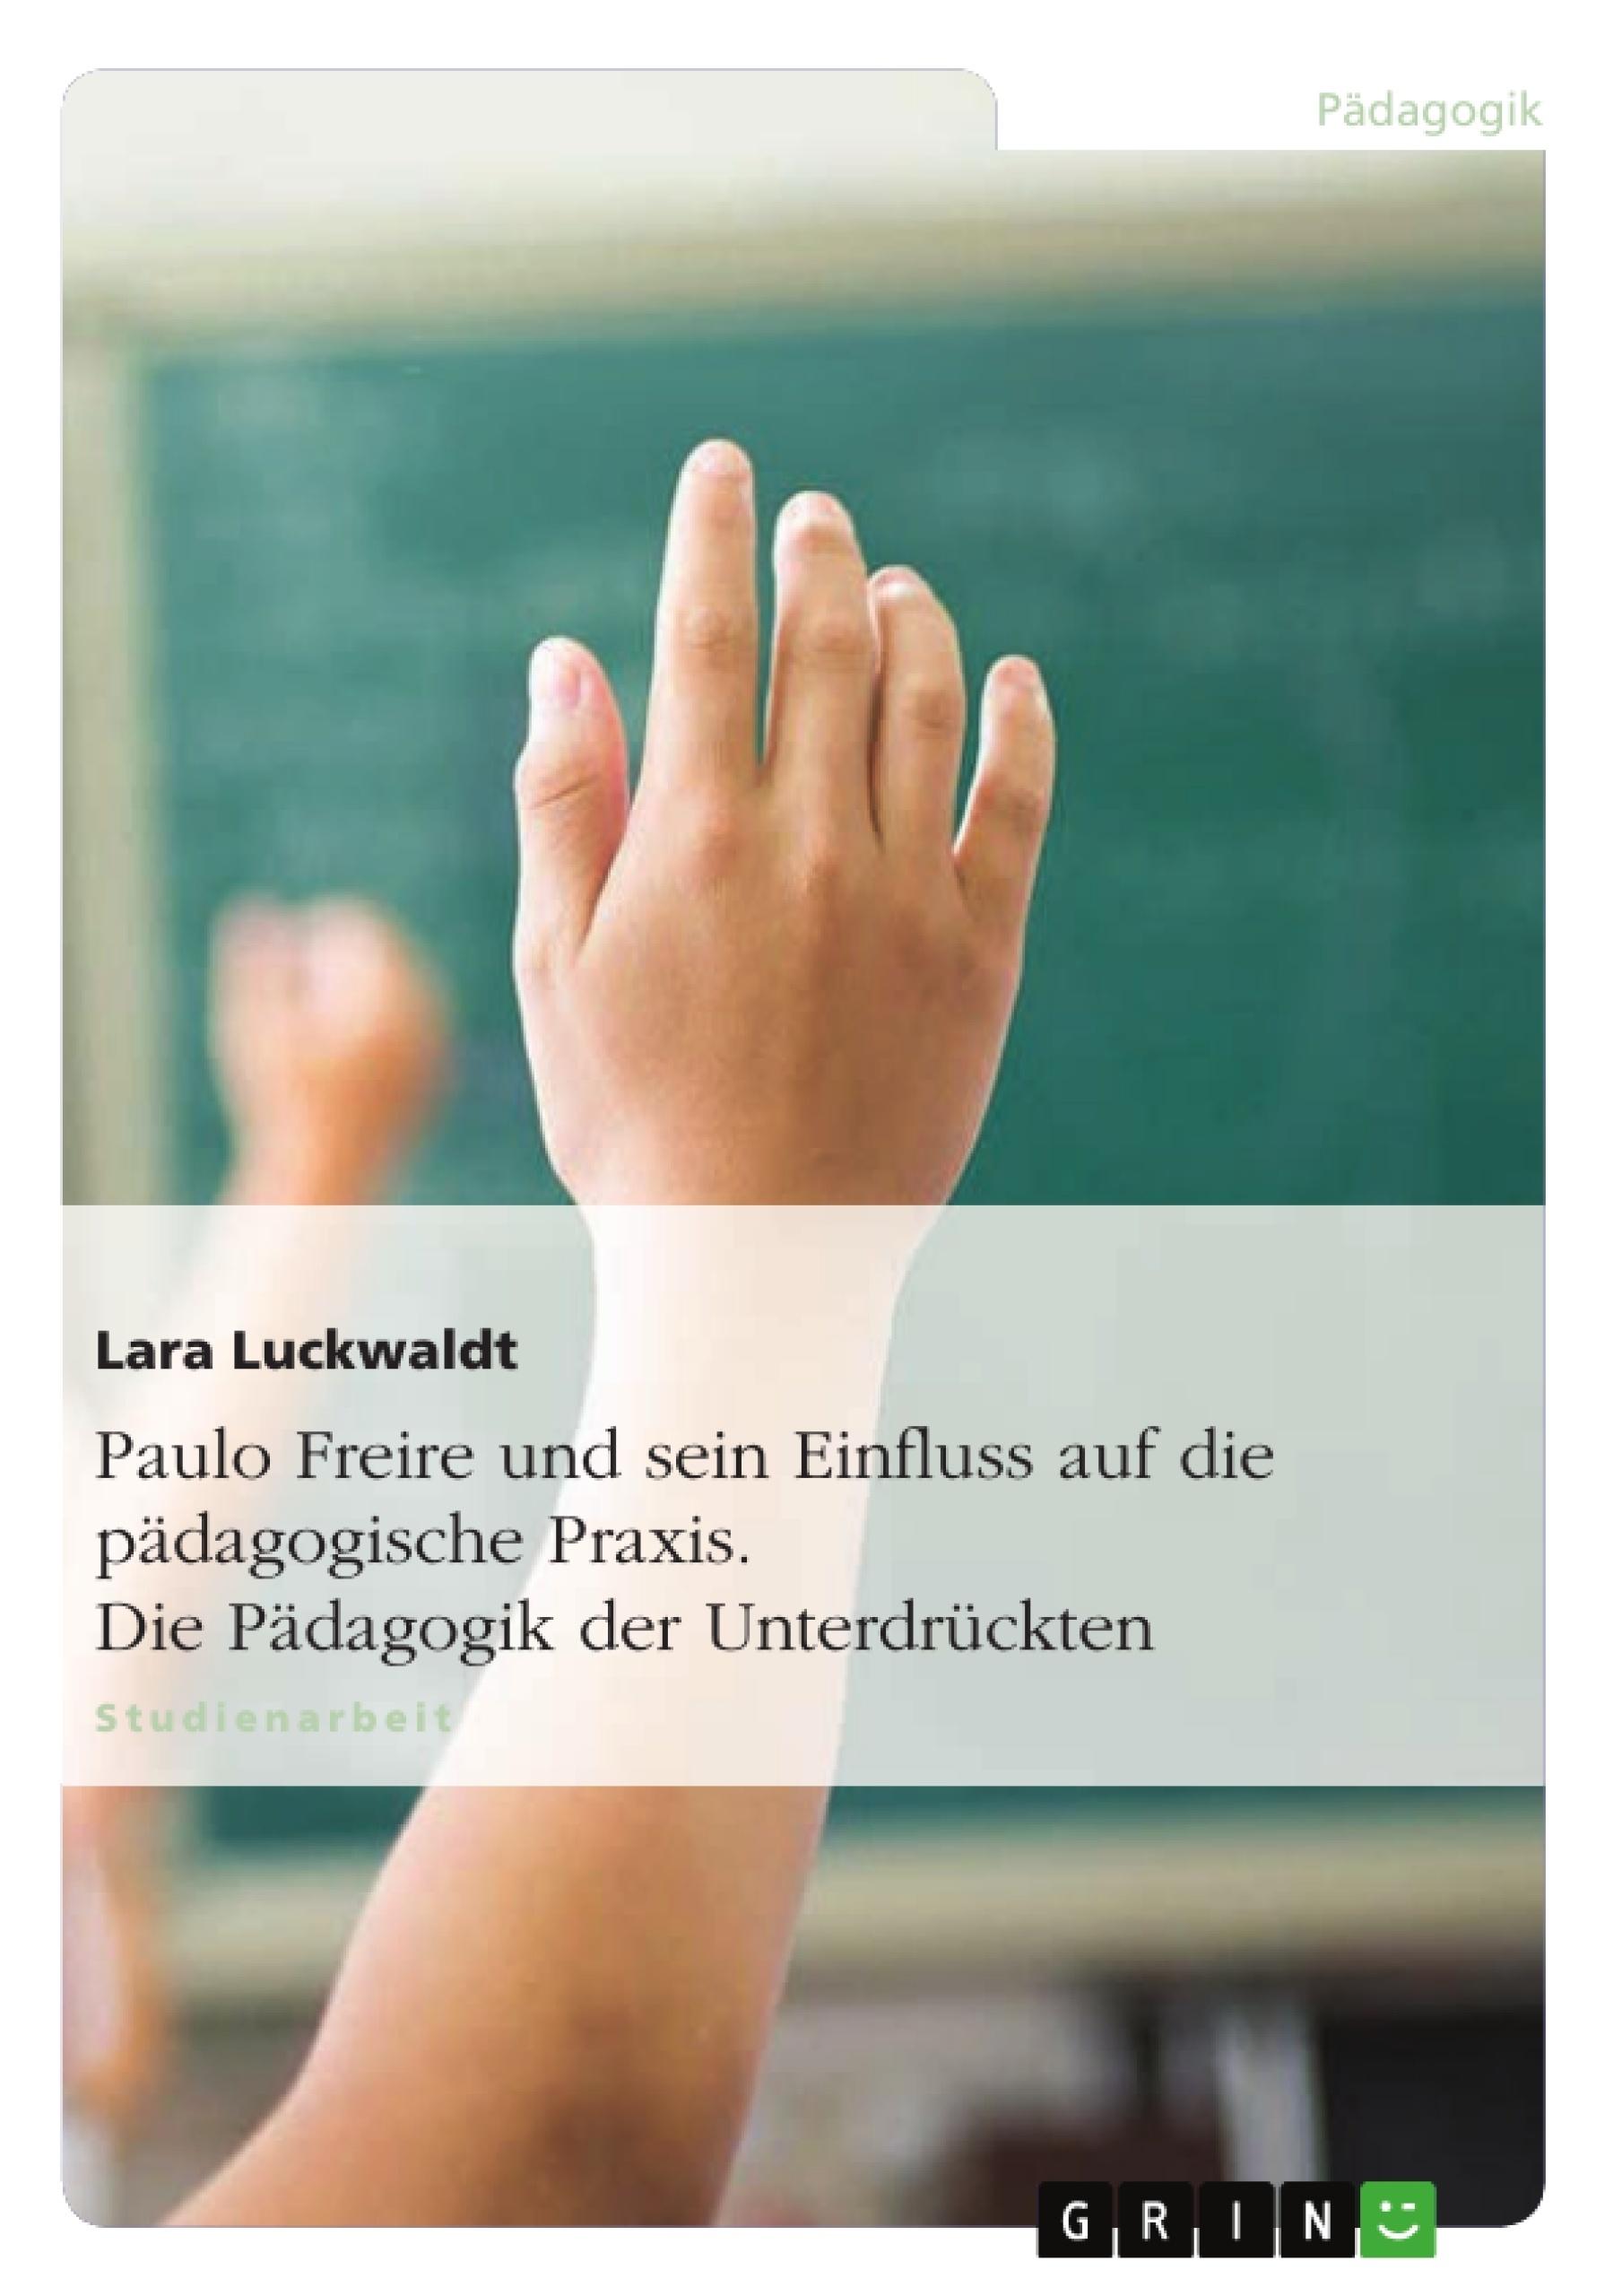 Titel: Paulo Freire und sein Einfluss auf die pädagogische Praxis. Die Pädagogik der Unterdrückten